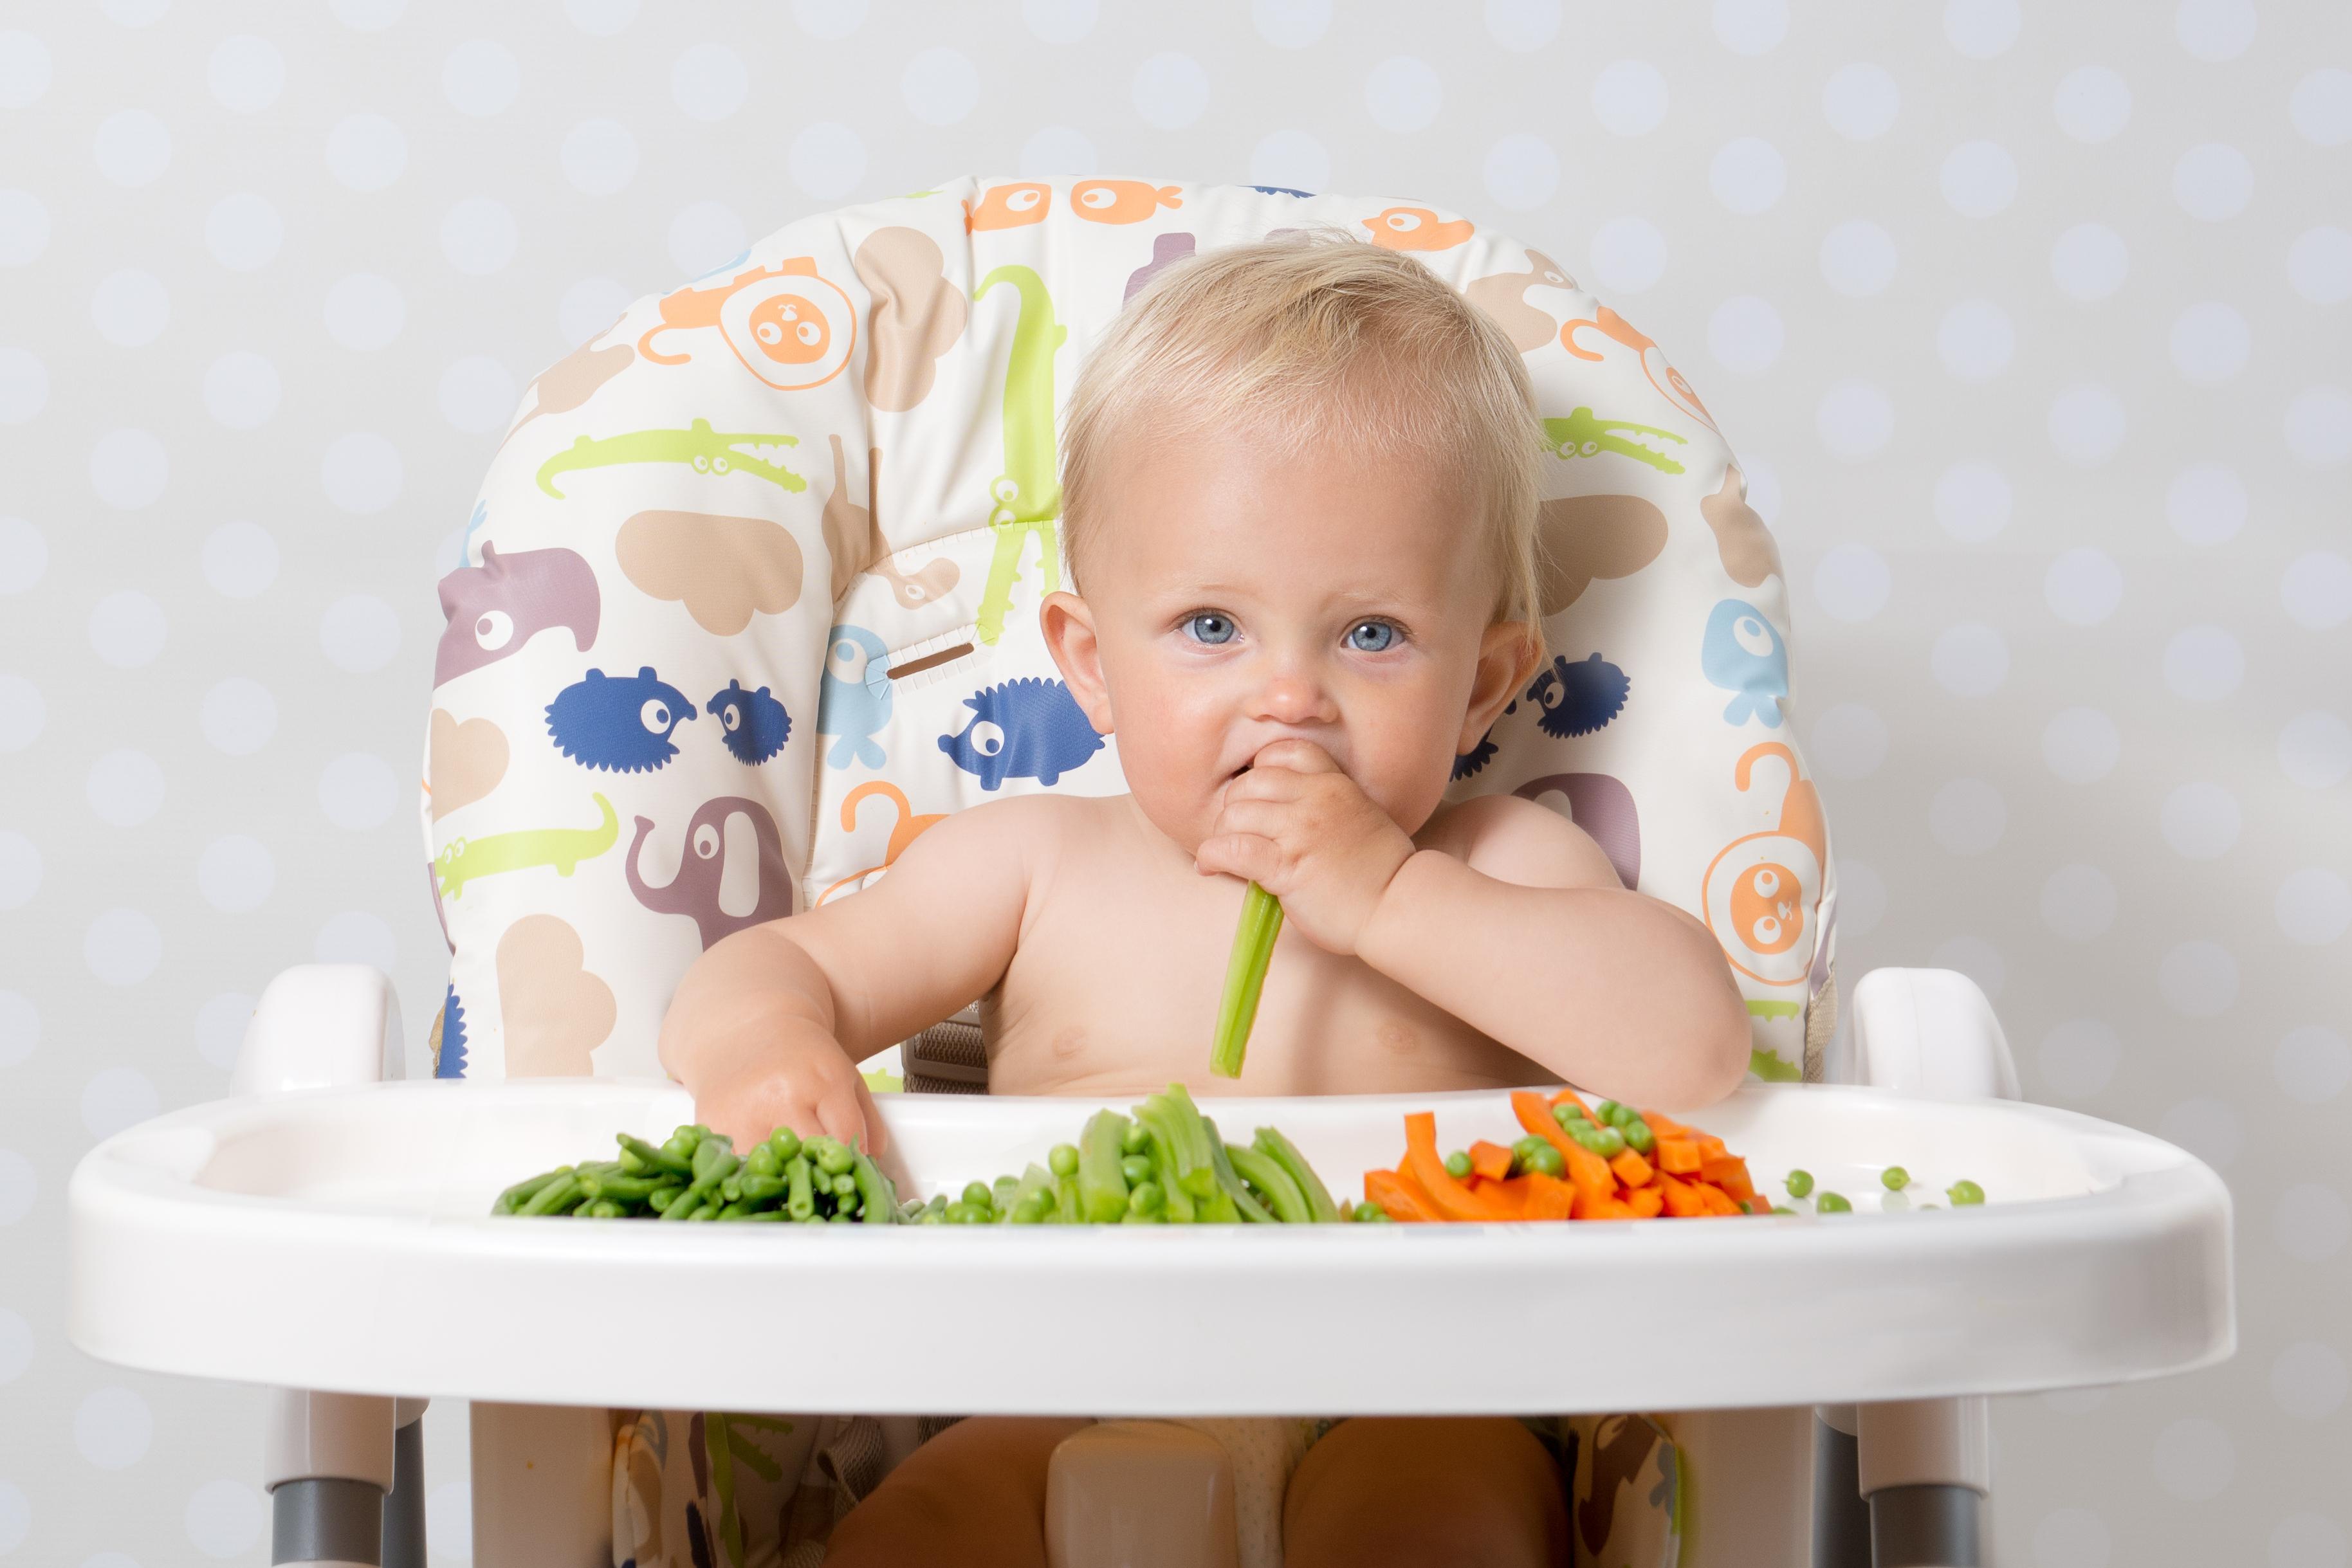 ThinkstockPhotos 485092658 Kako da mališan zavoli povrće?